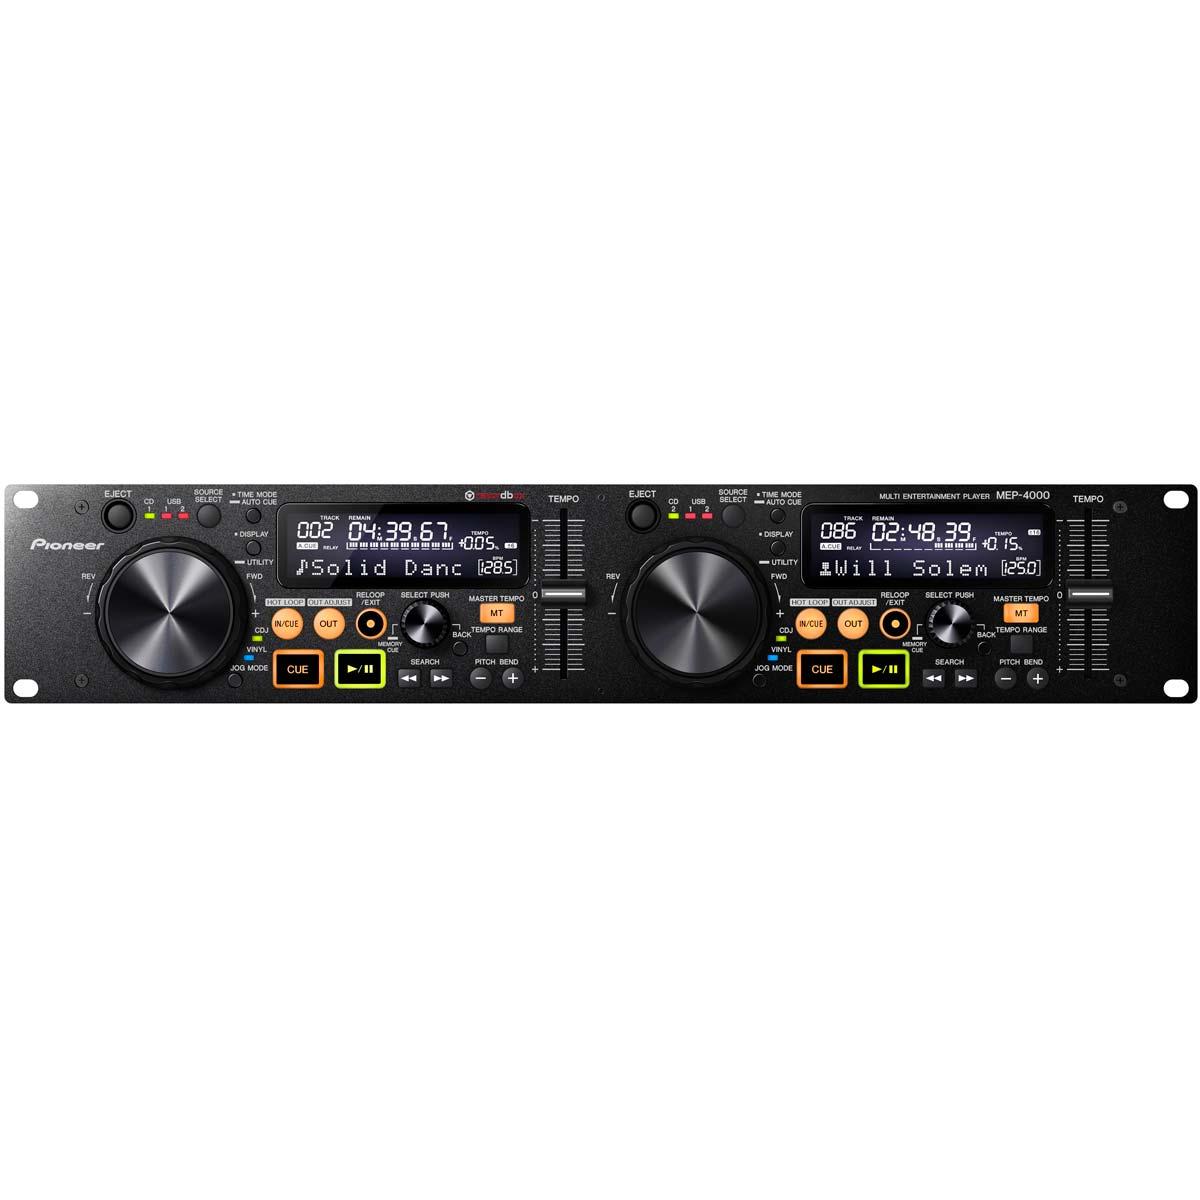 MEP4000 - CDJ Player Duplo c/ USB MEP 4000 - Pioneer